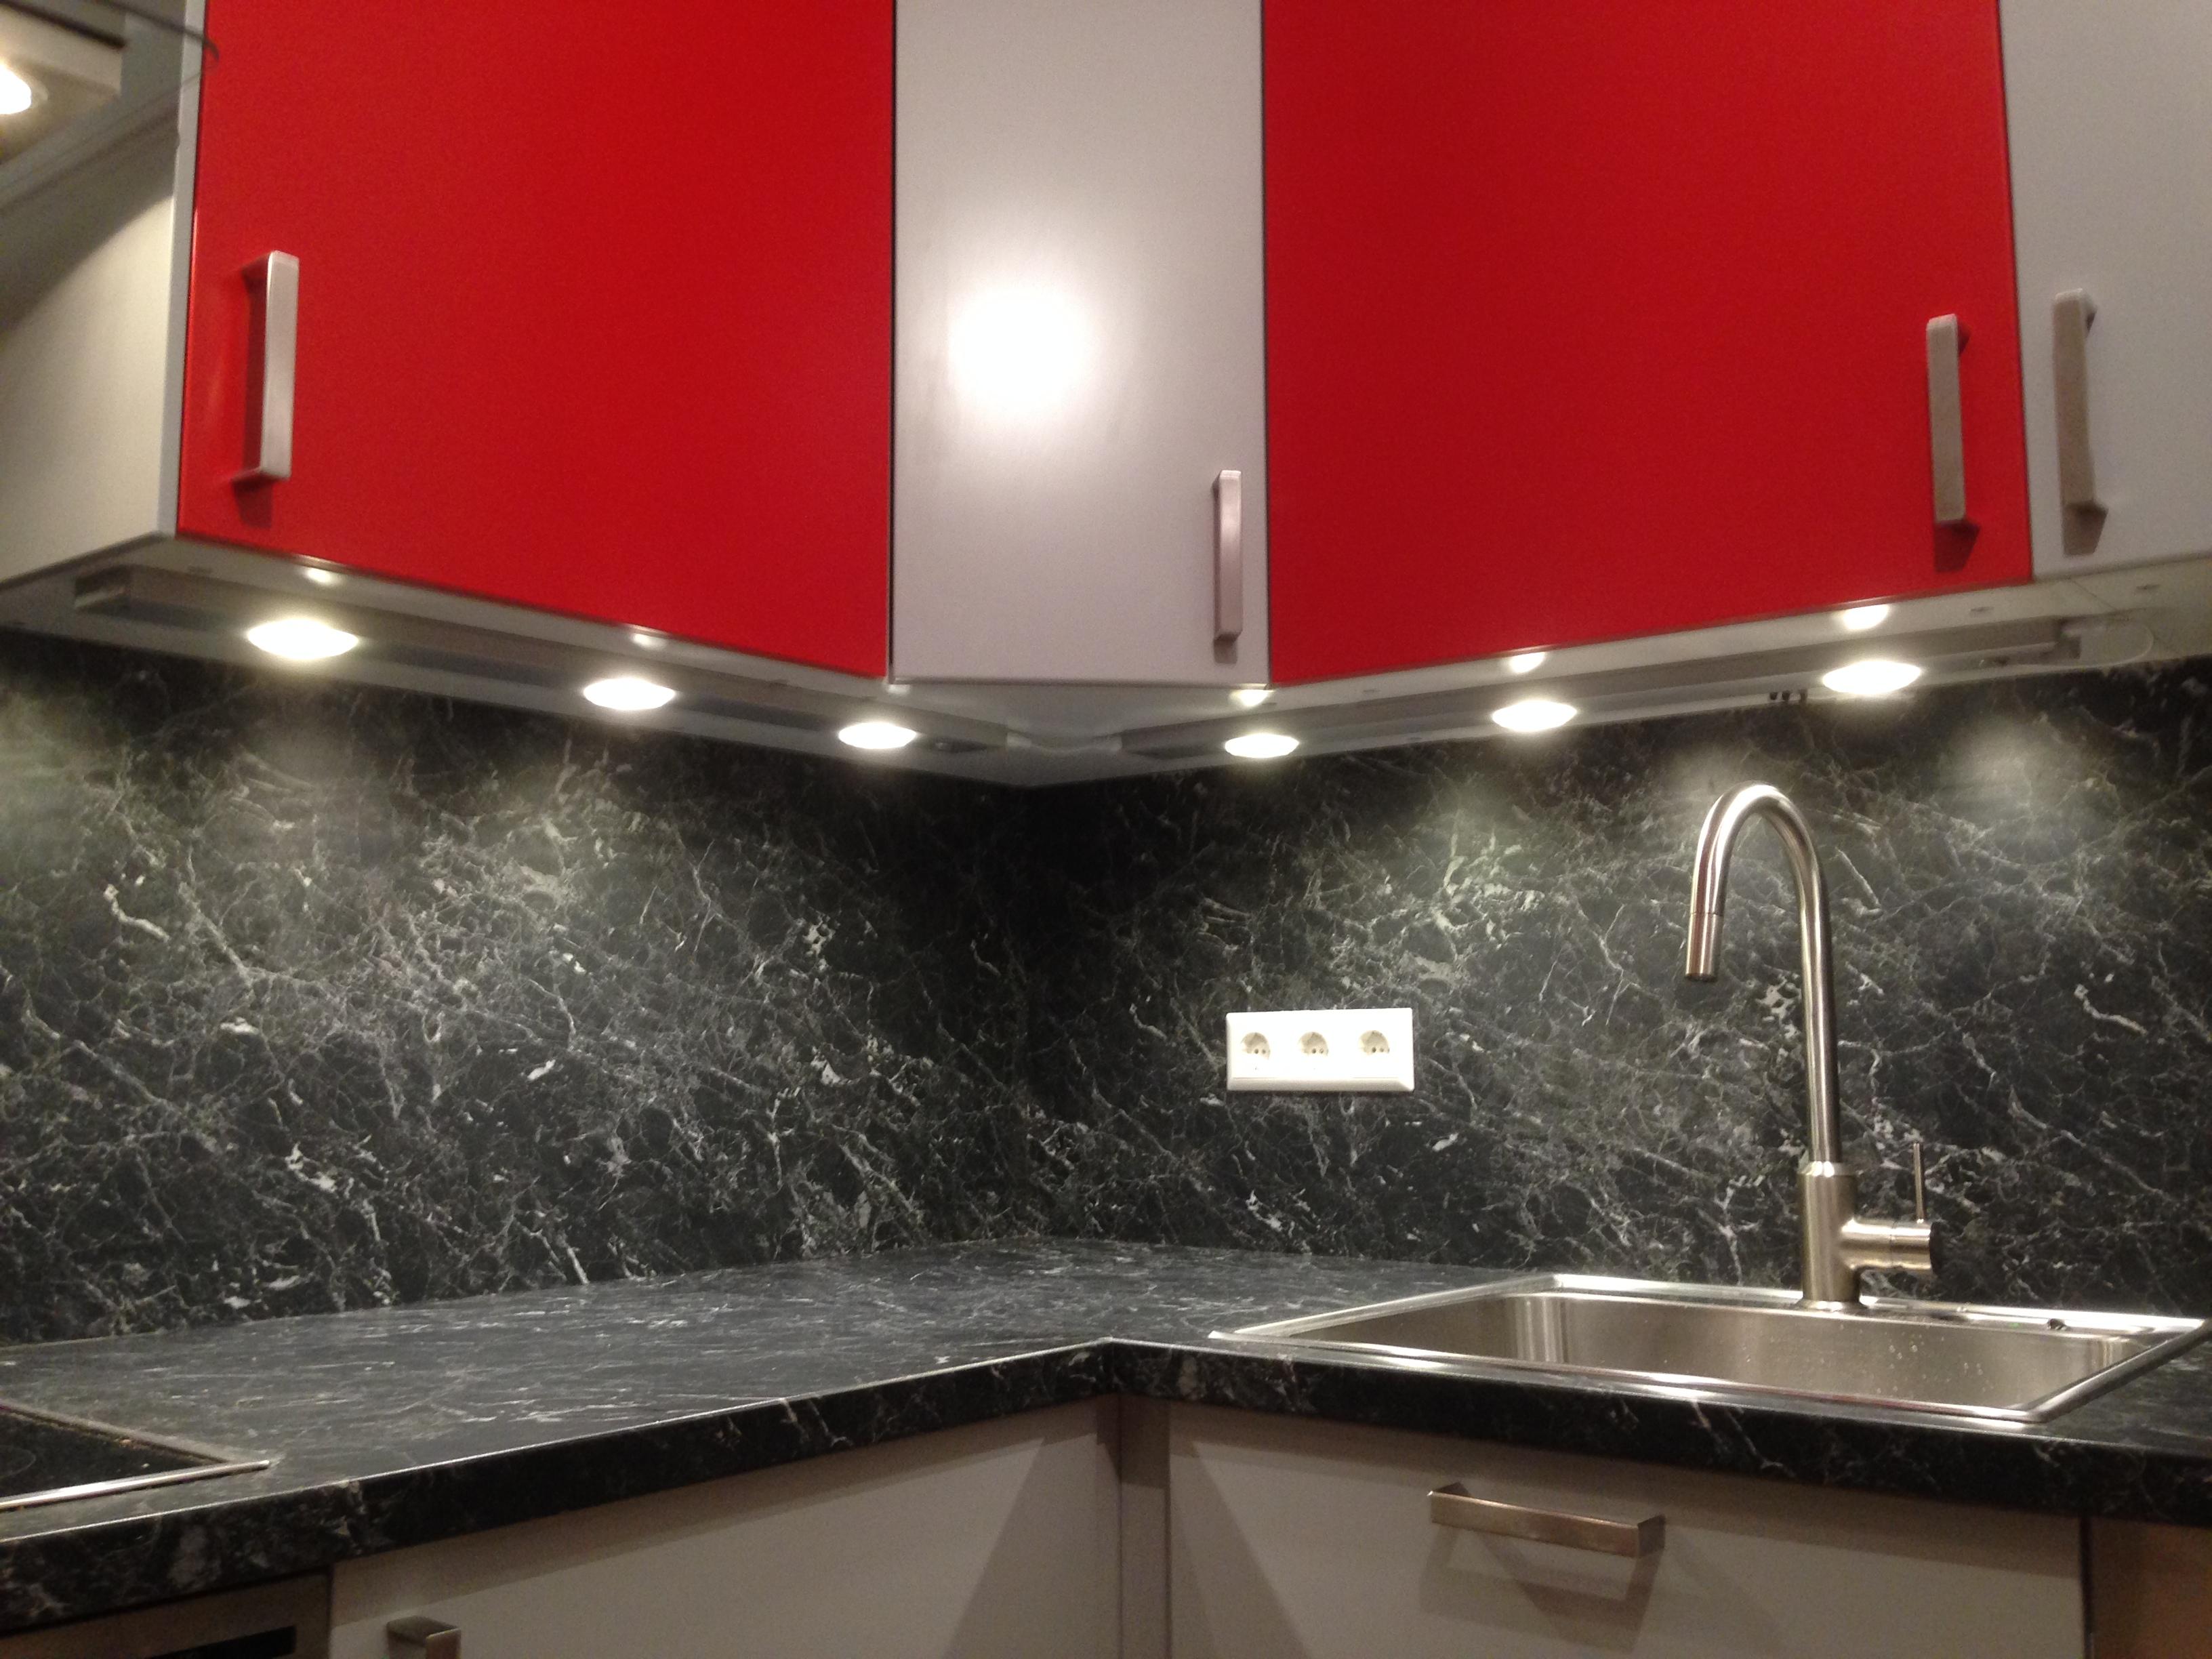 Küchenecke mit Nischenrückwand in anthrazitfarbener Steinoptik. Küchenfronten in hellgrau und weinrot gehalten.